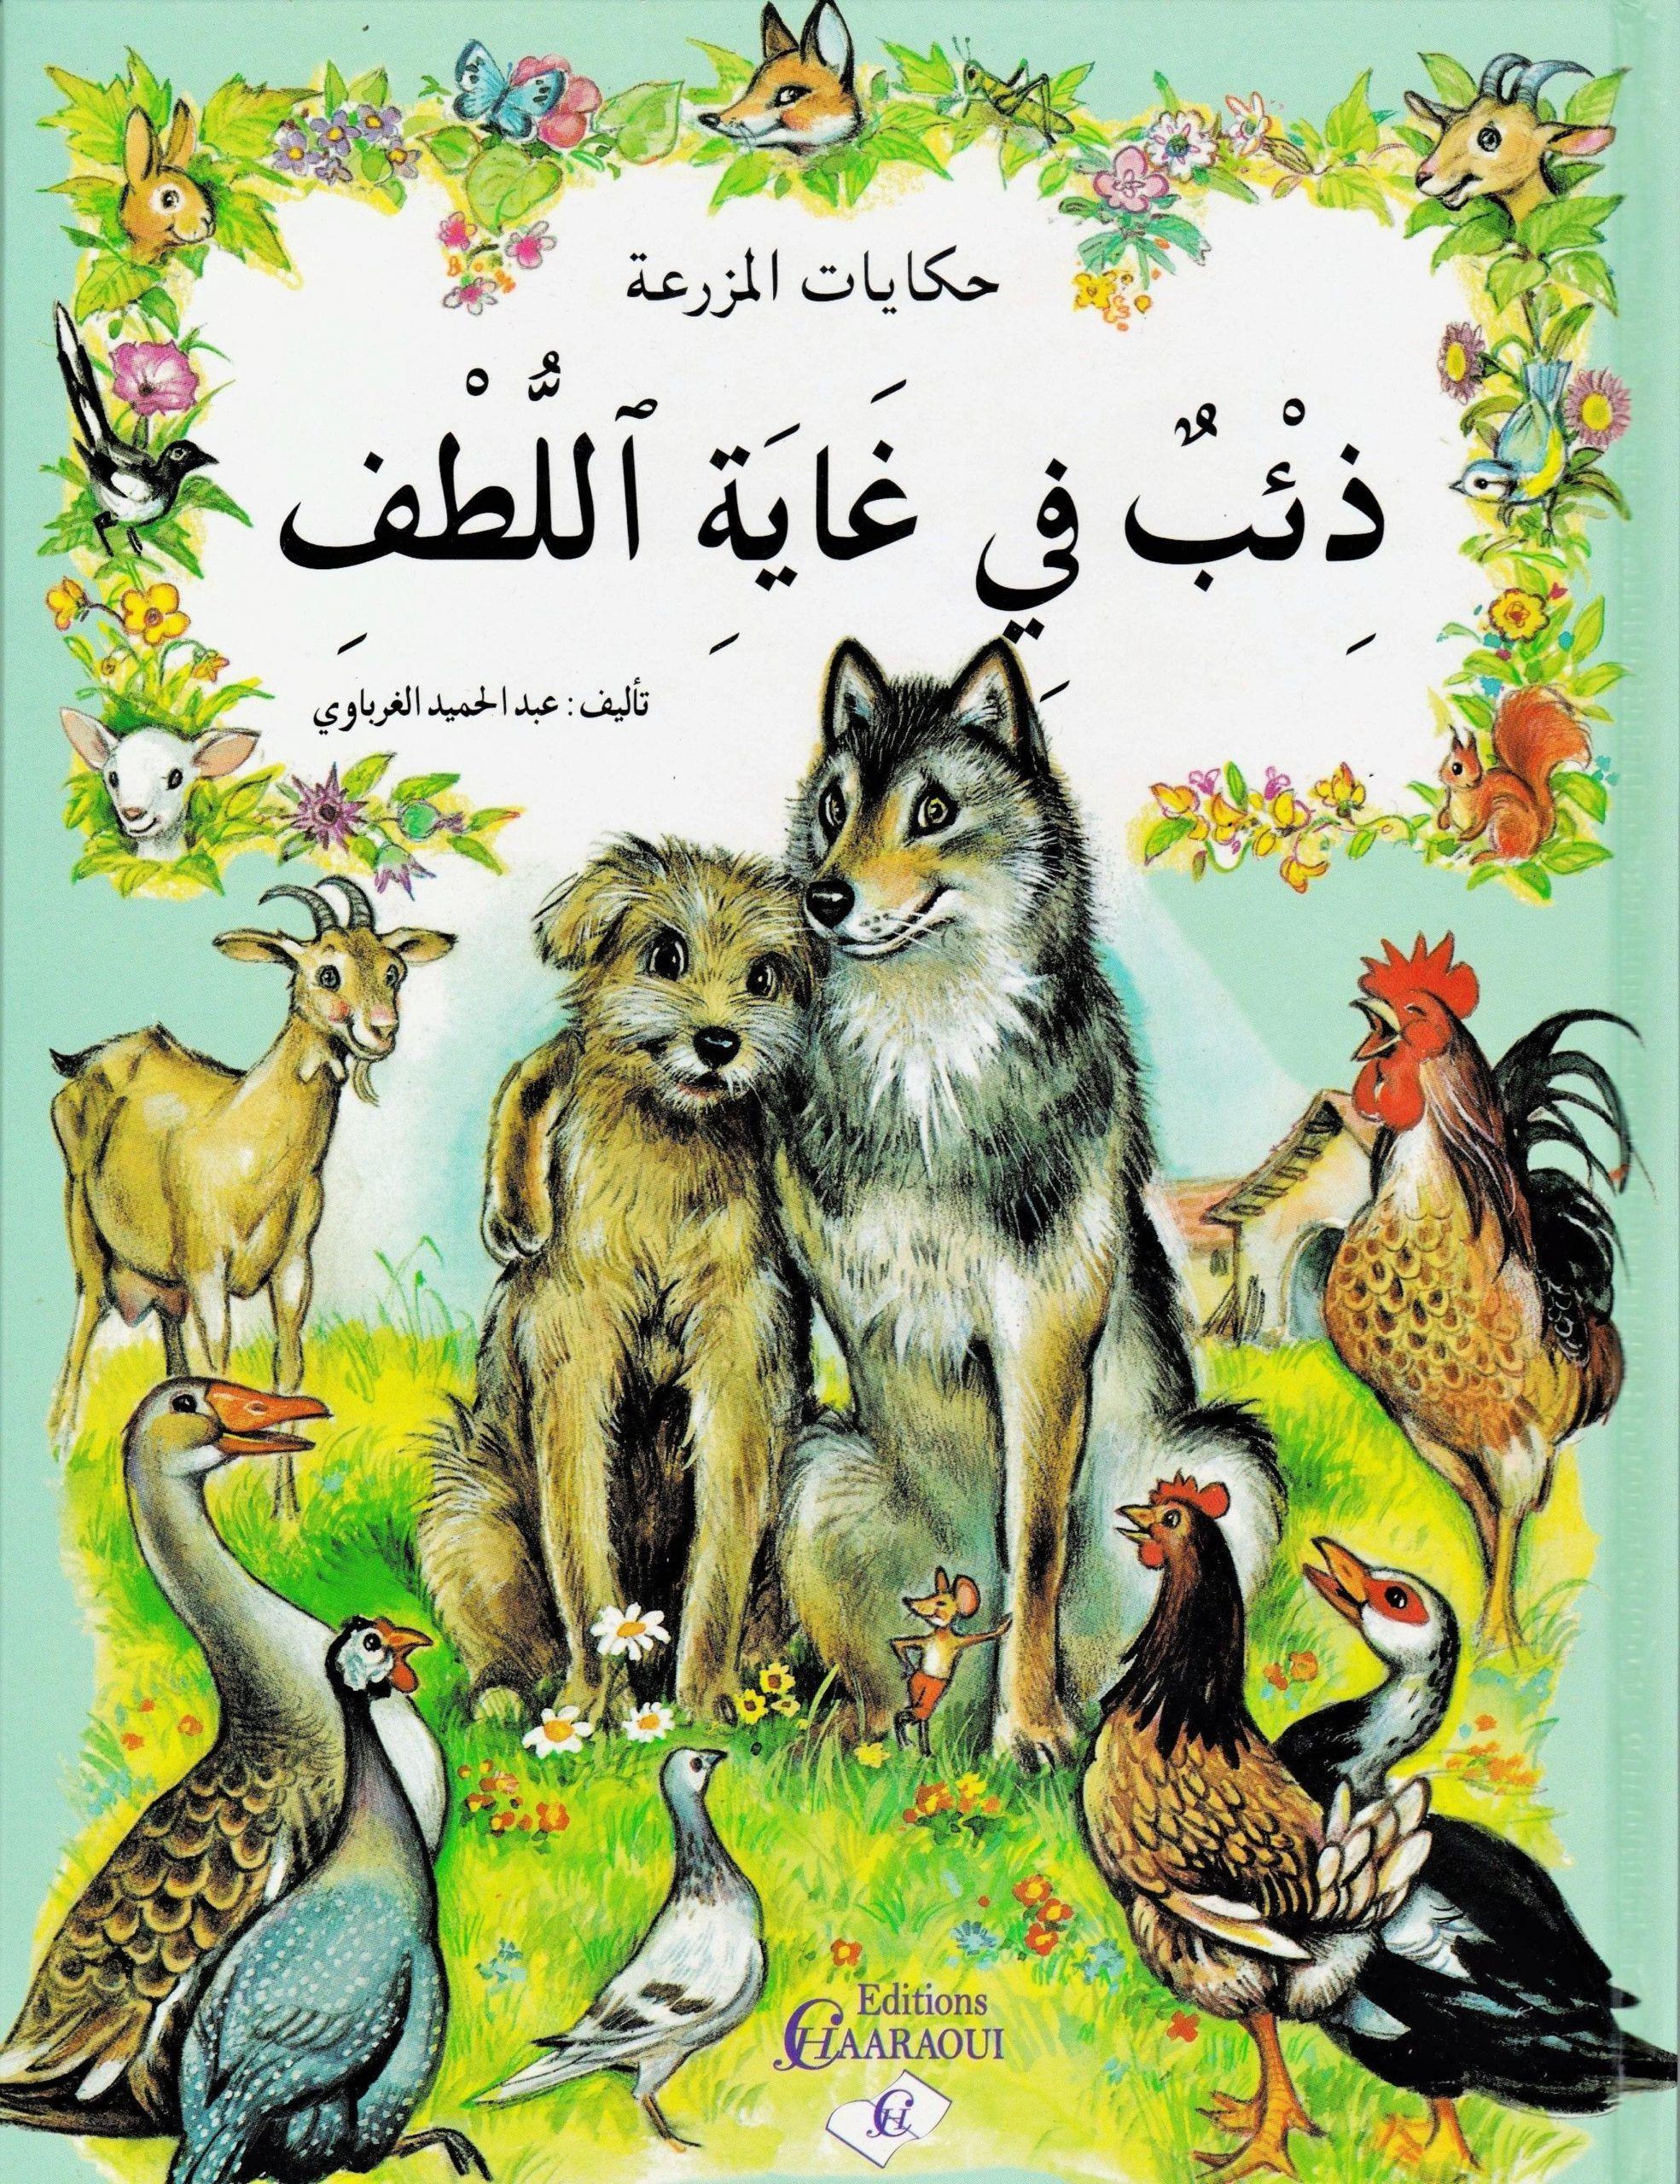 قصة ذئب في غاية اللطف من حكايات المزرعة للاطفال Learn Arabic Alphabet Arabic Alphabet Learning Arabic